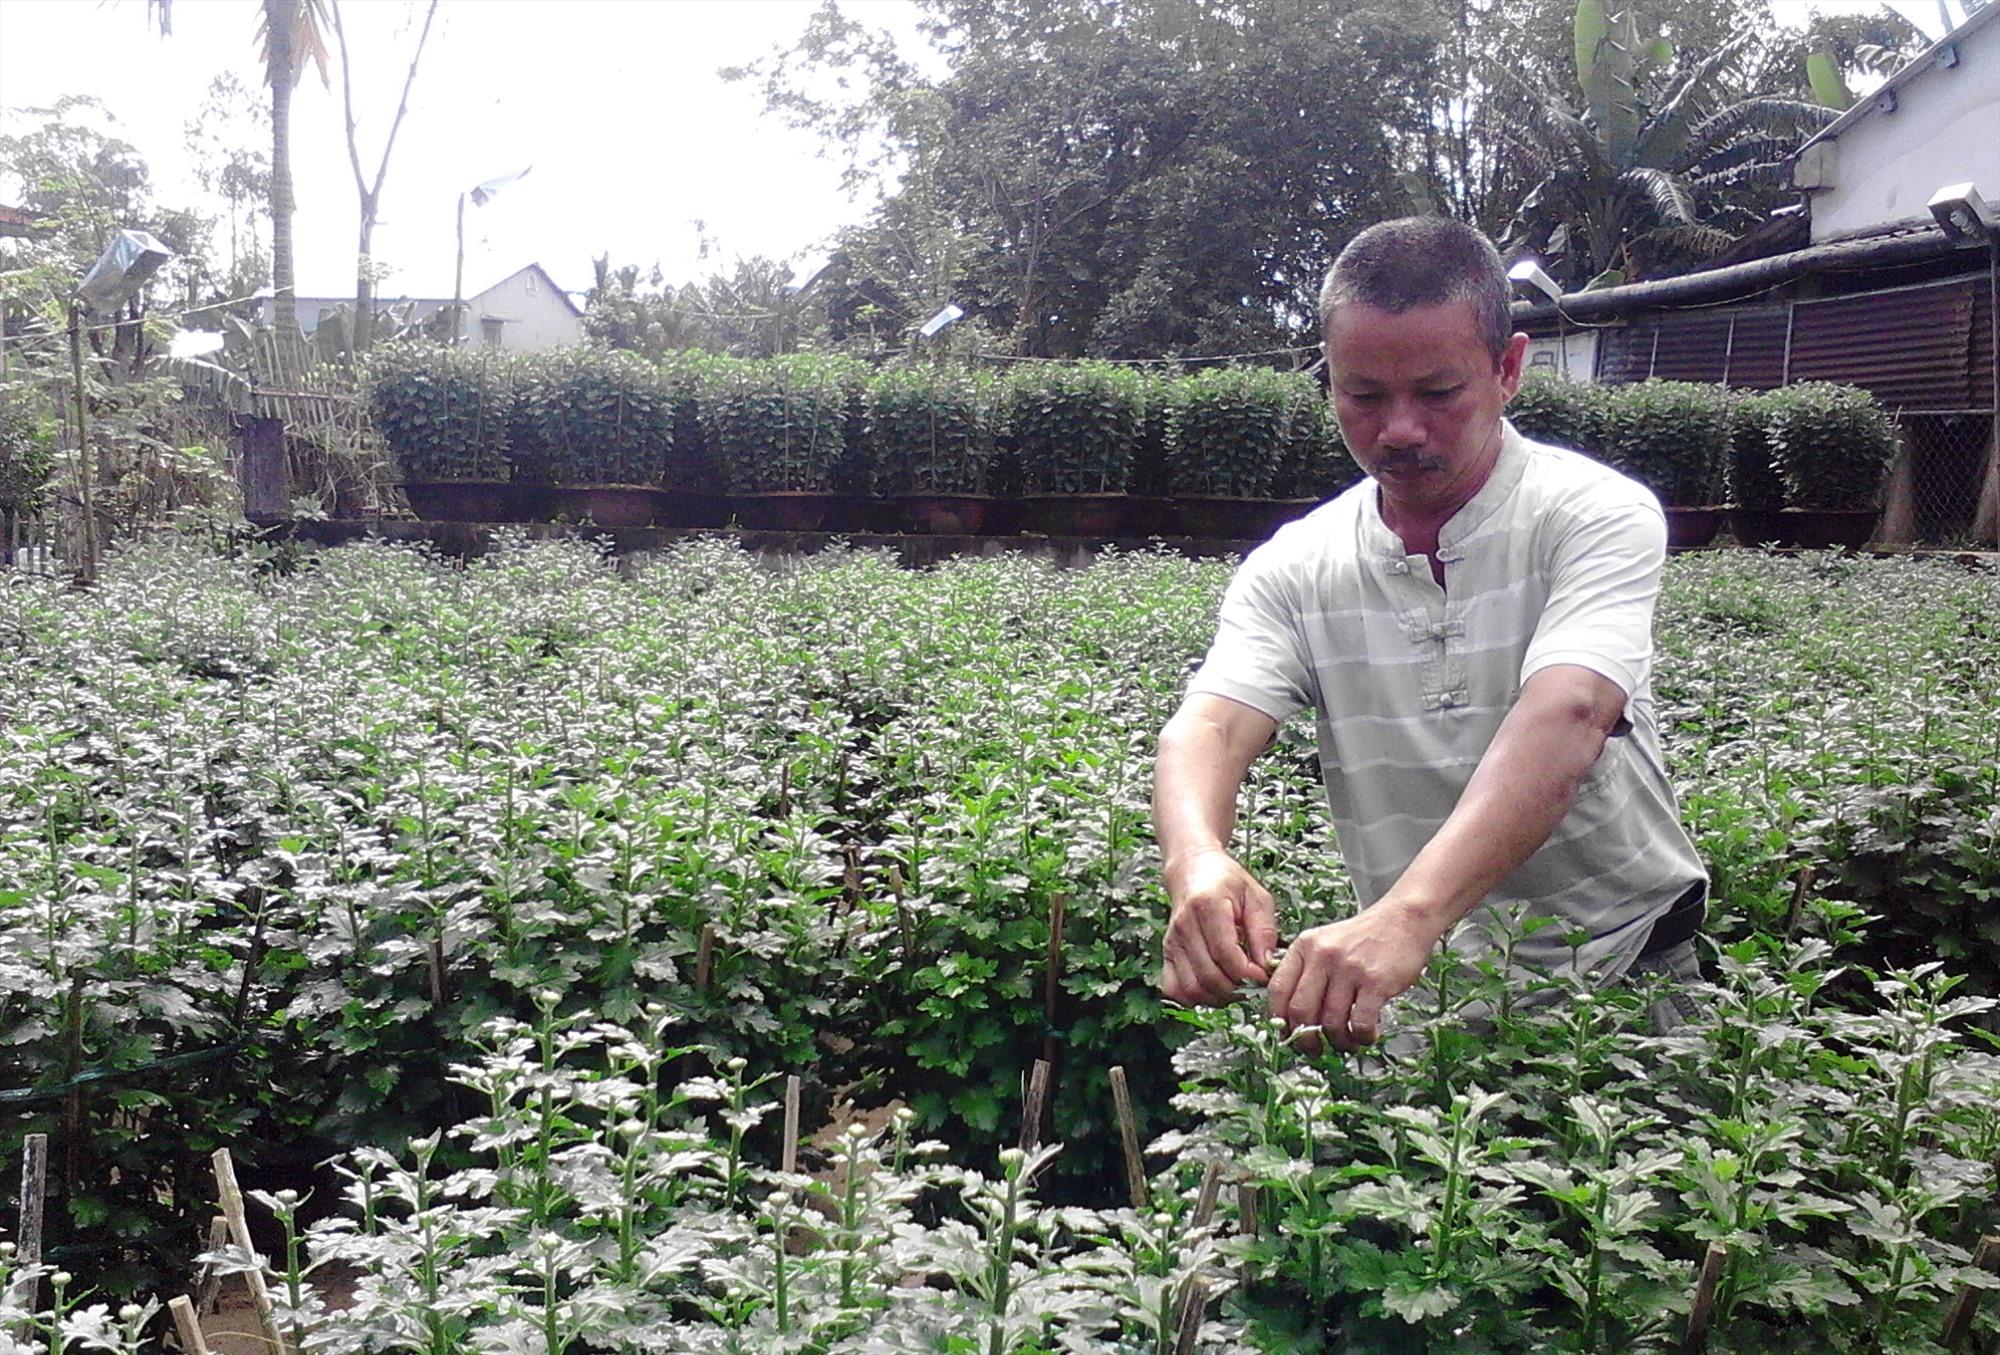 Trồng cây hoa cúc tết ở xã Điện Phong mang lại thu nhập cao. Ảnh: PHẠM LỘC